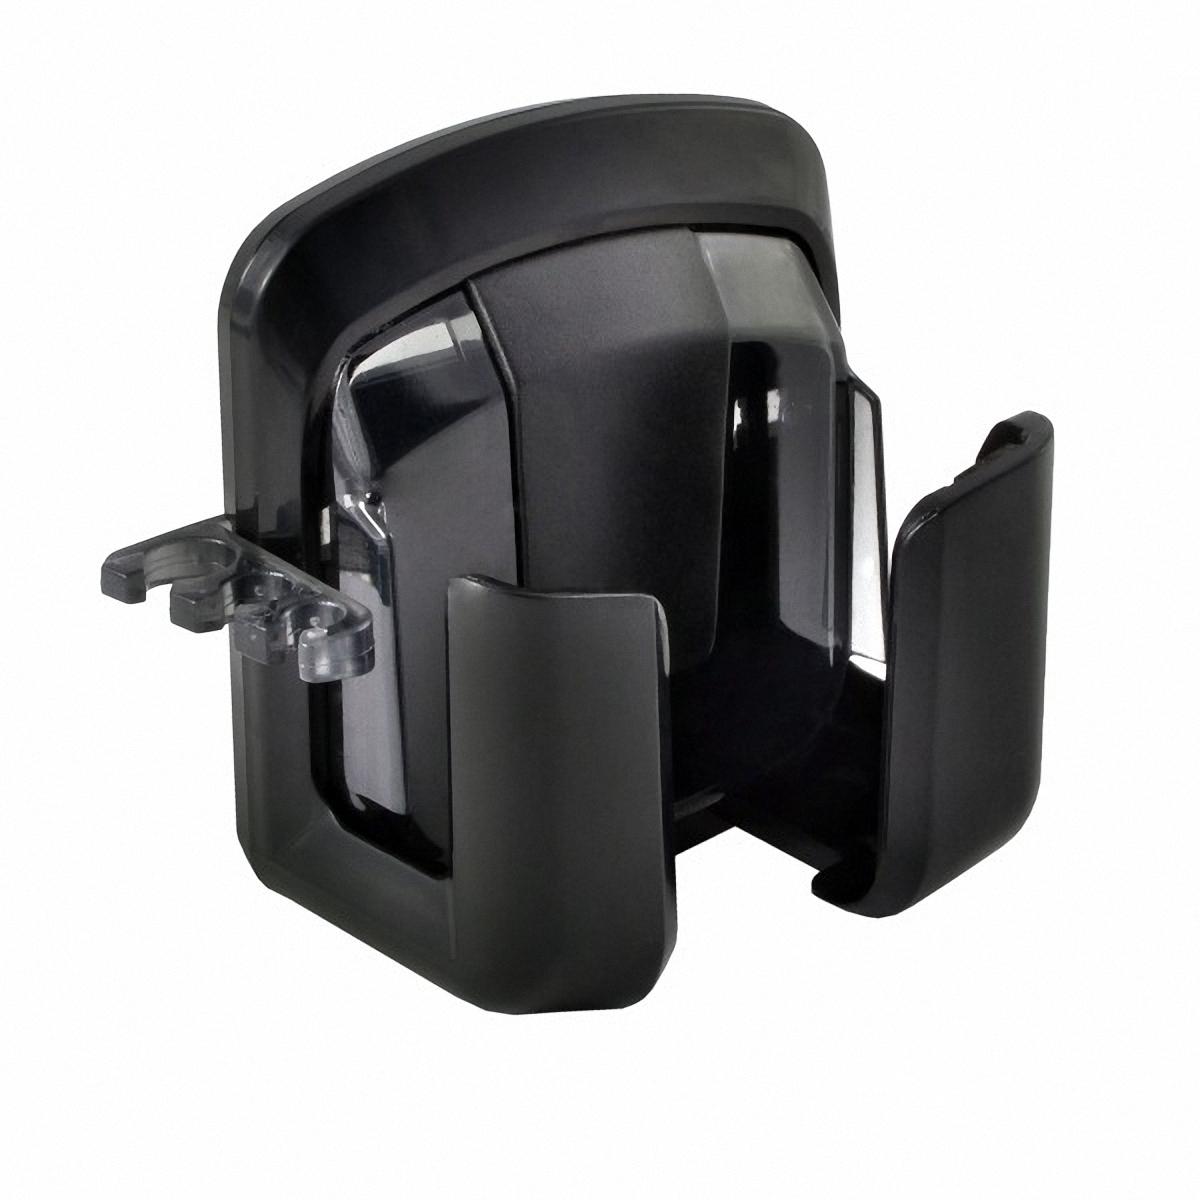 Держатель автомобильный Skyway, для телефона, на дефлектор. S00301012S00301012Держатель Skyway предназначен для телефона. Захват отделан мягкими вставками из мягкой резины, благодаря которым ваше устройство защищено от царапин. Легкая и удобная система установки позволяет быстро закрепить держатель в салоне практически любого автомобиля. Система поворота пьедестала позволяет поворачивать держатель на 360°.